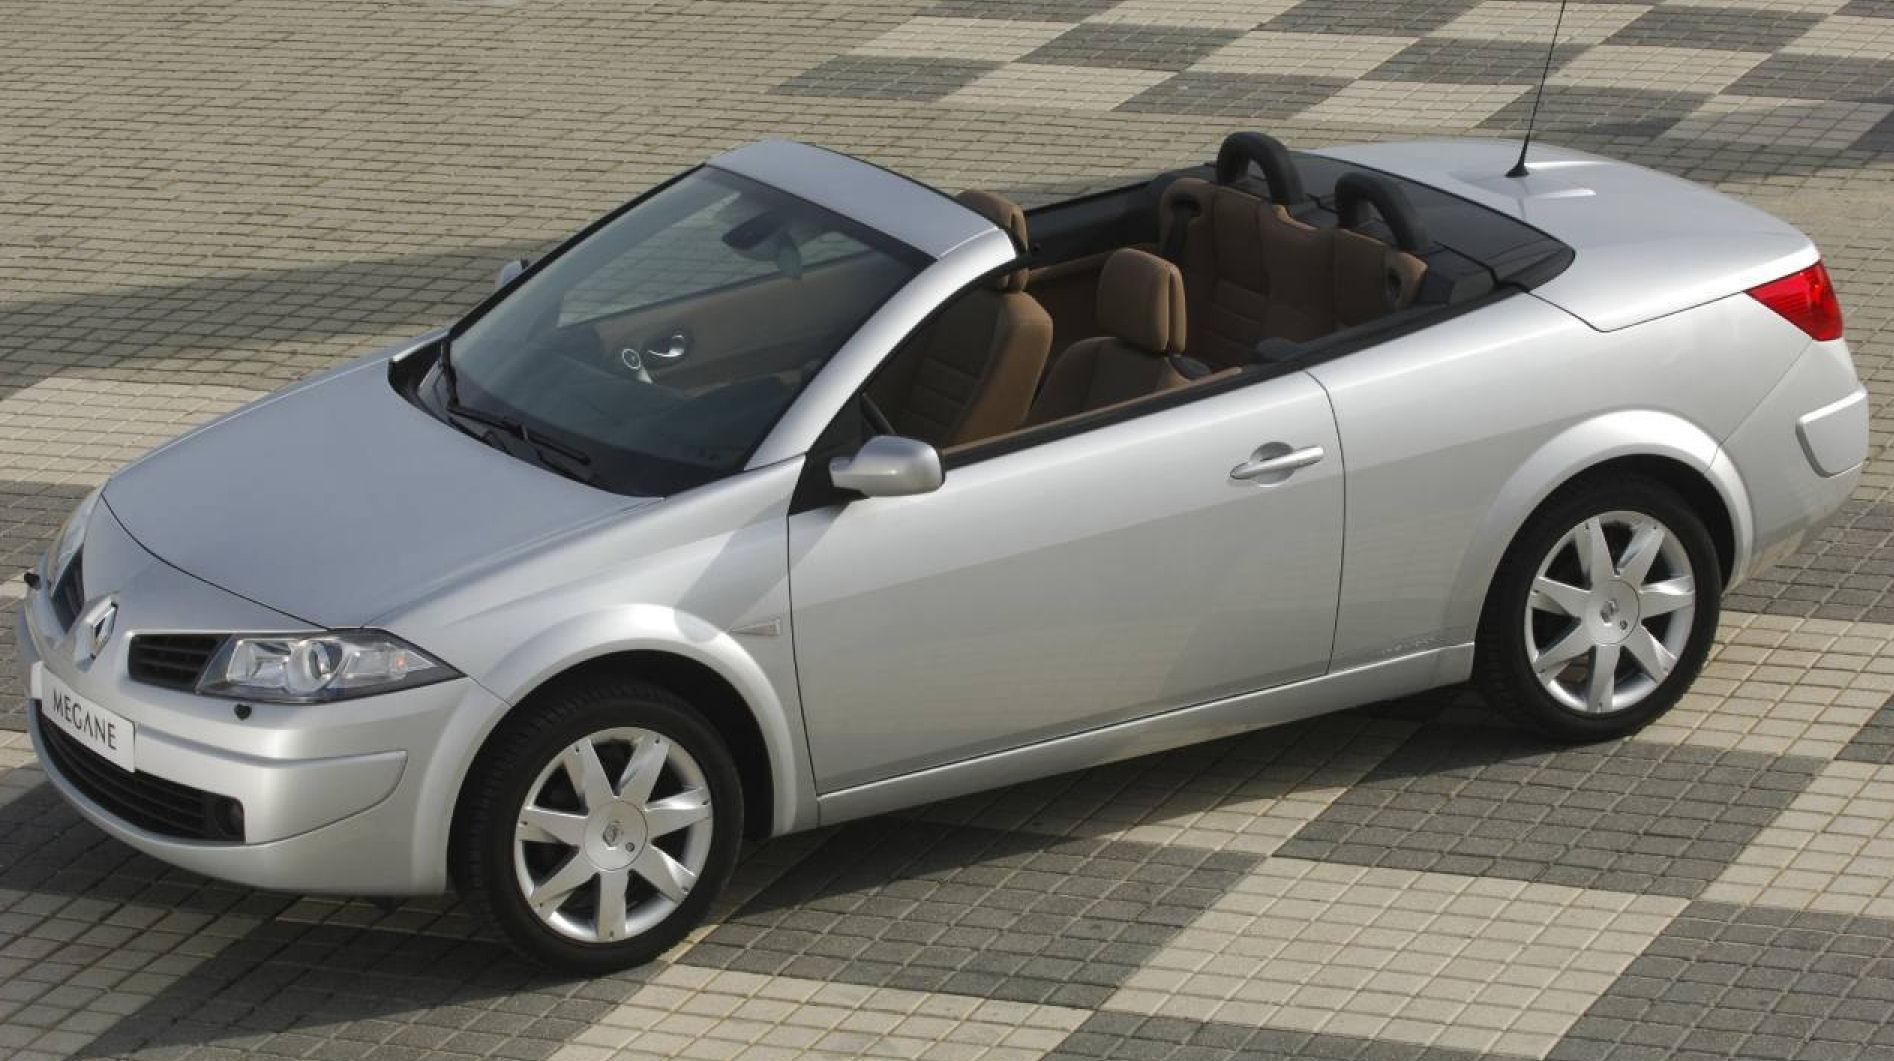 design extrieur 12 17 renault megane coup cabriolet 2005. Black Bedroom Furniture Sets. Home Design Ideas